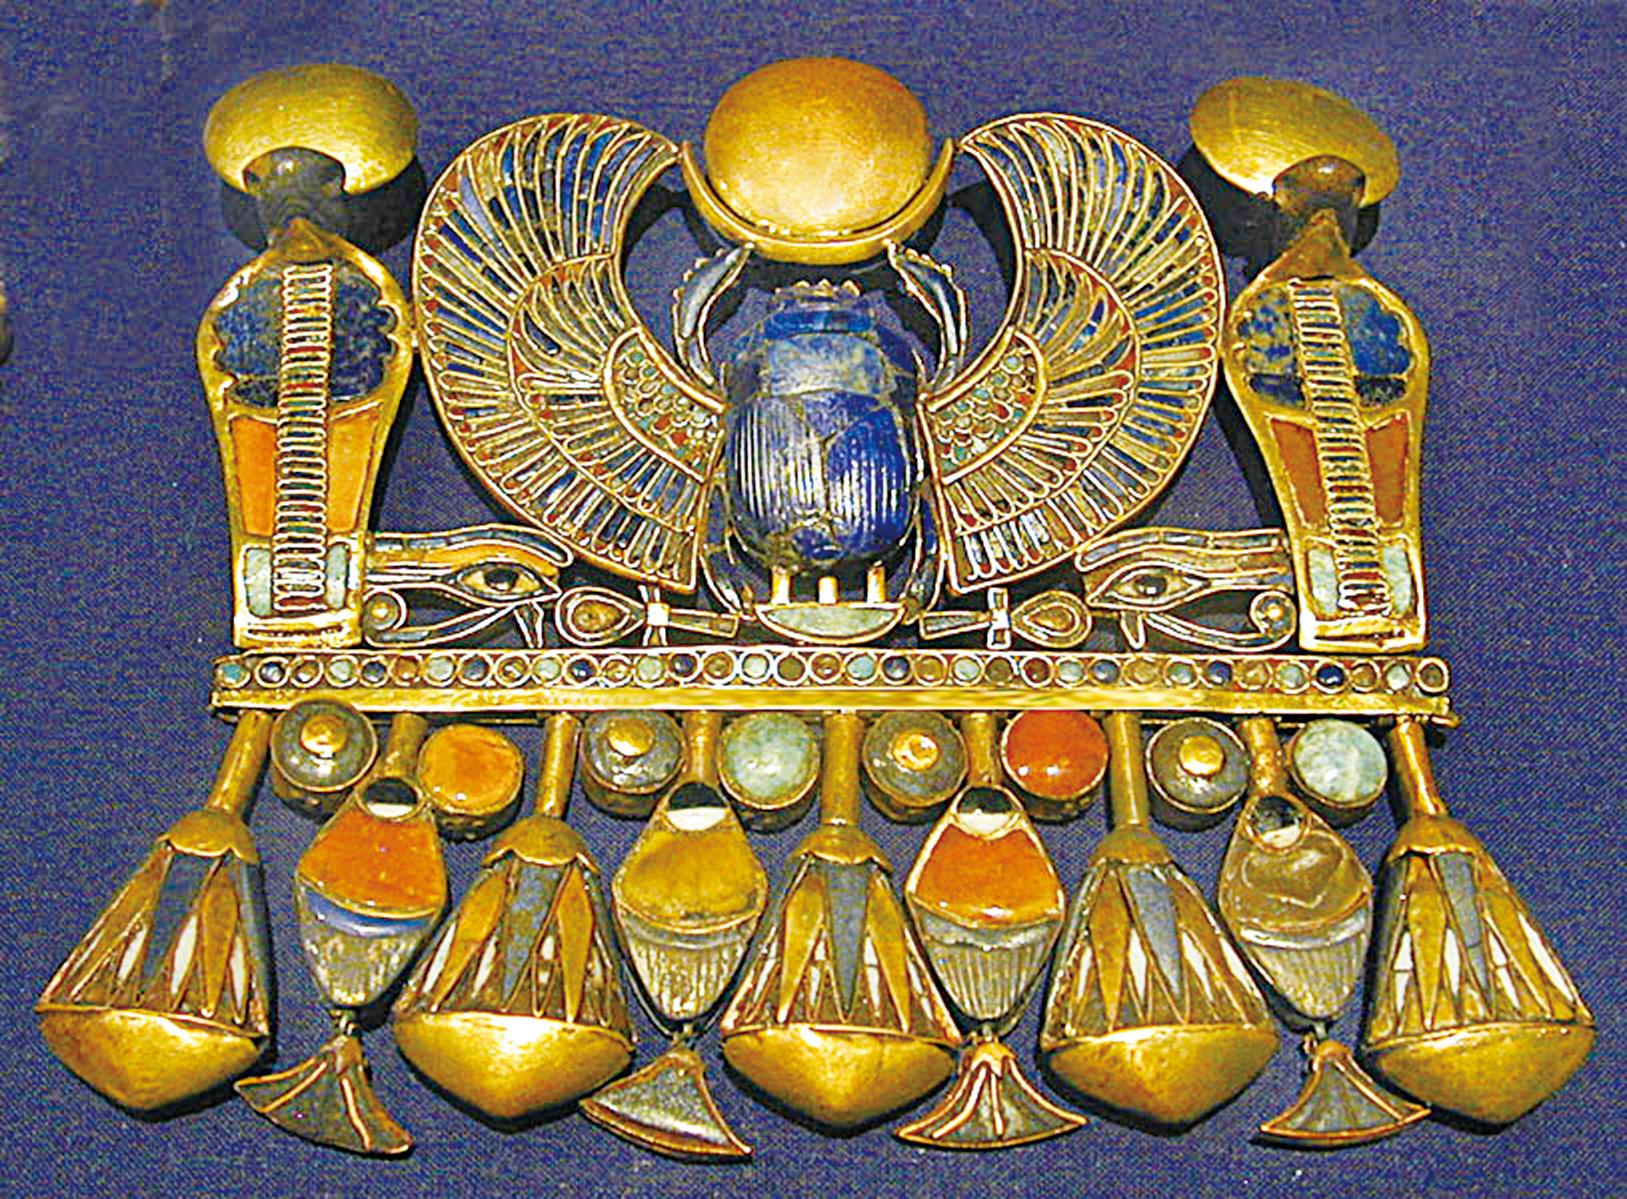 聖甲蟲形珠寶飾物。(網絡圖片)